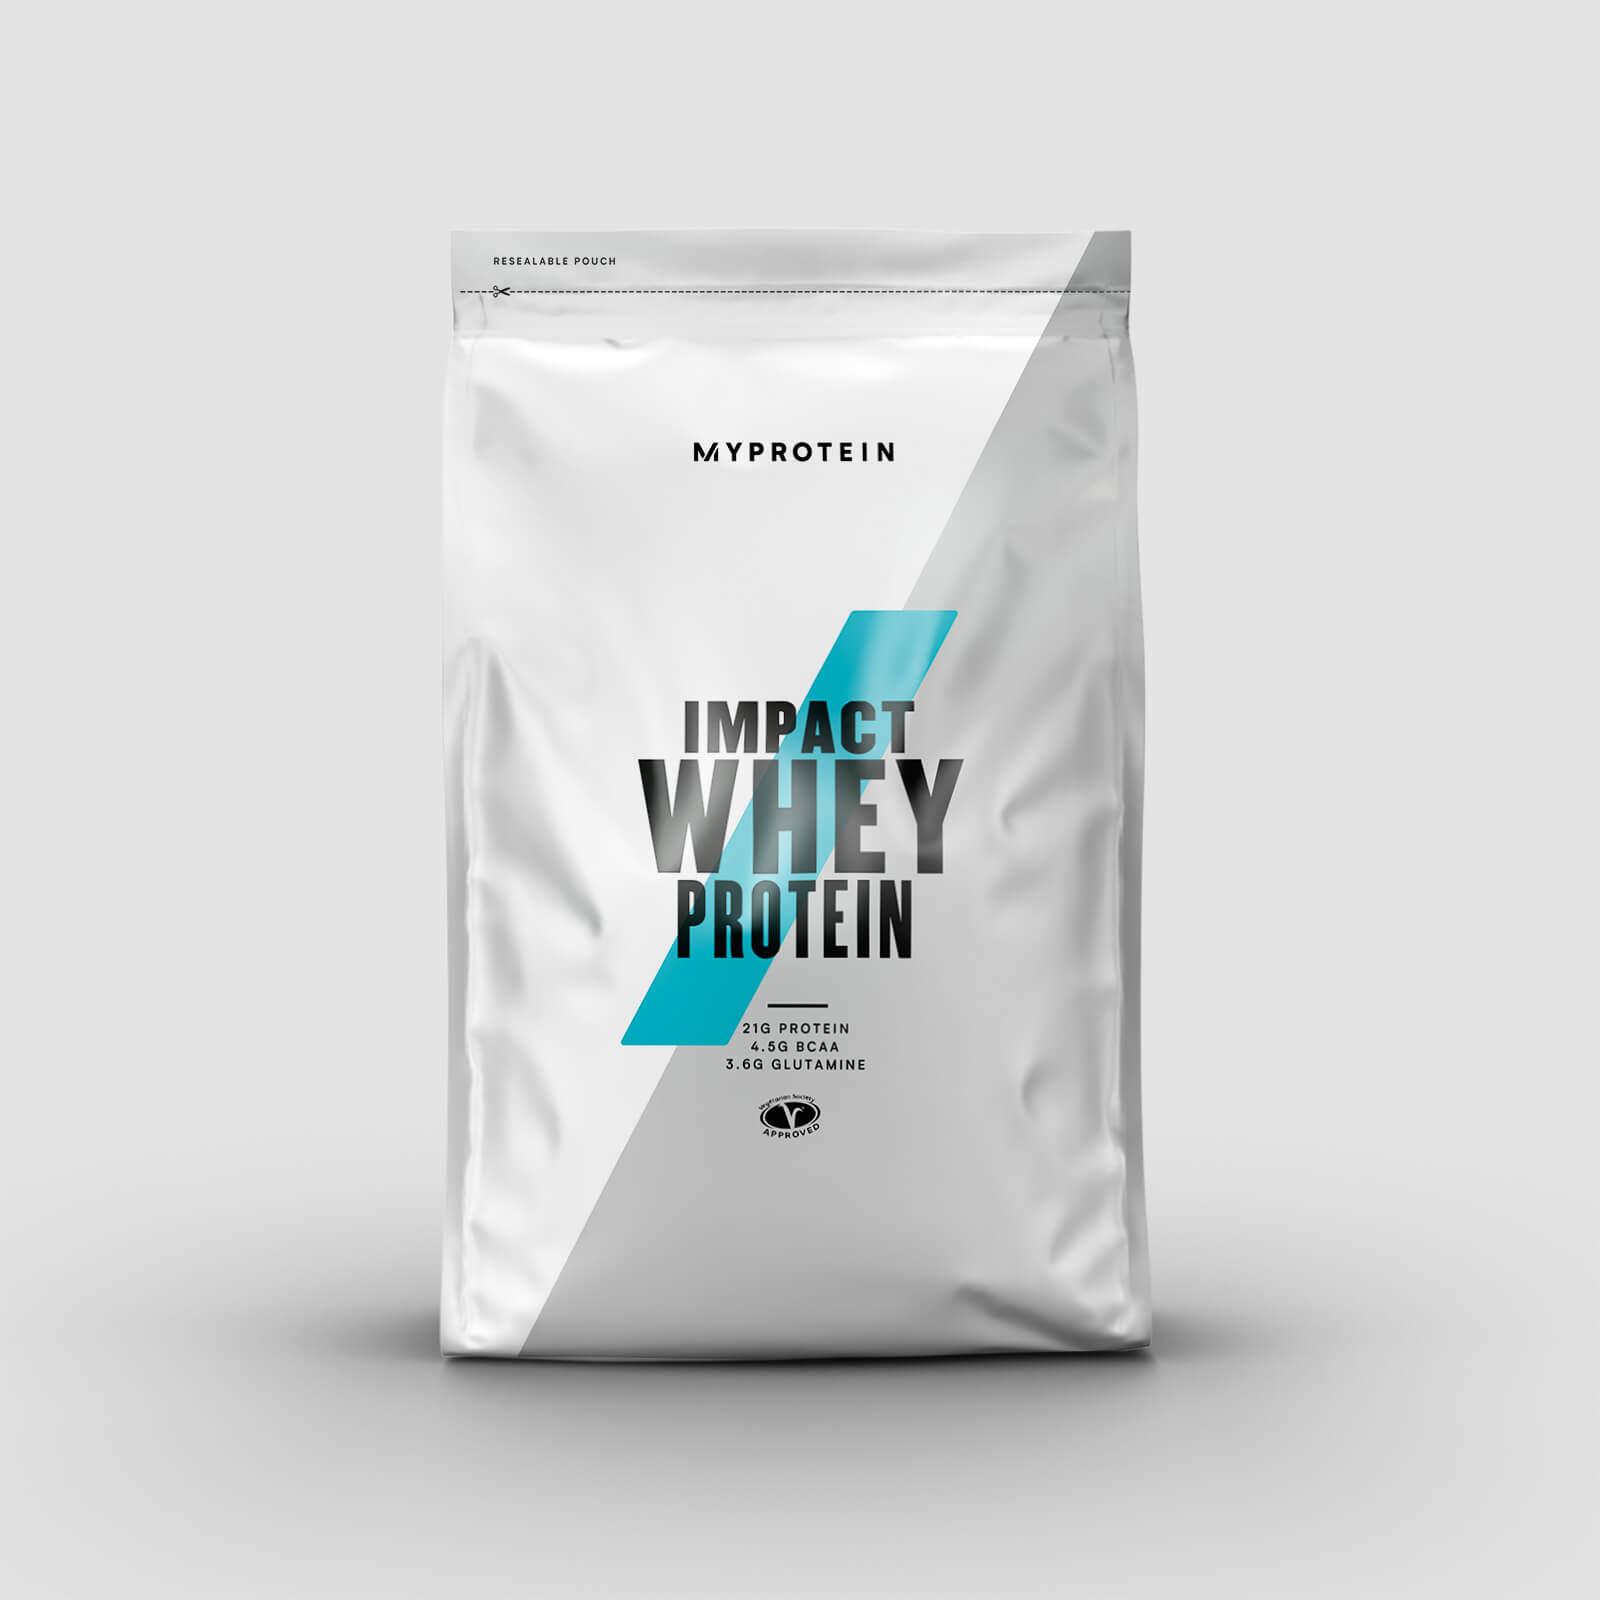 Myprotein Impact Whey Protein - 5kg - Chocolat blanc